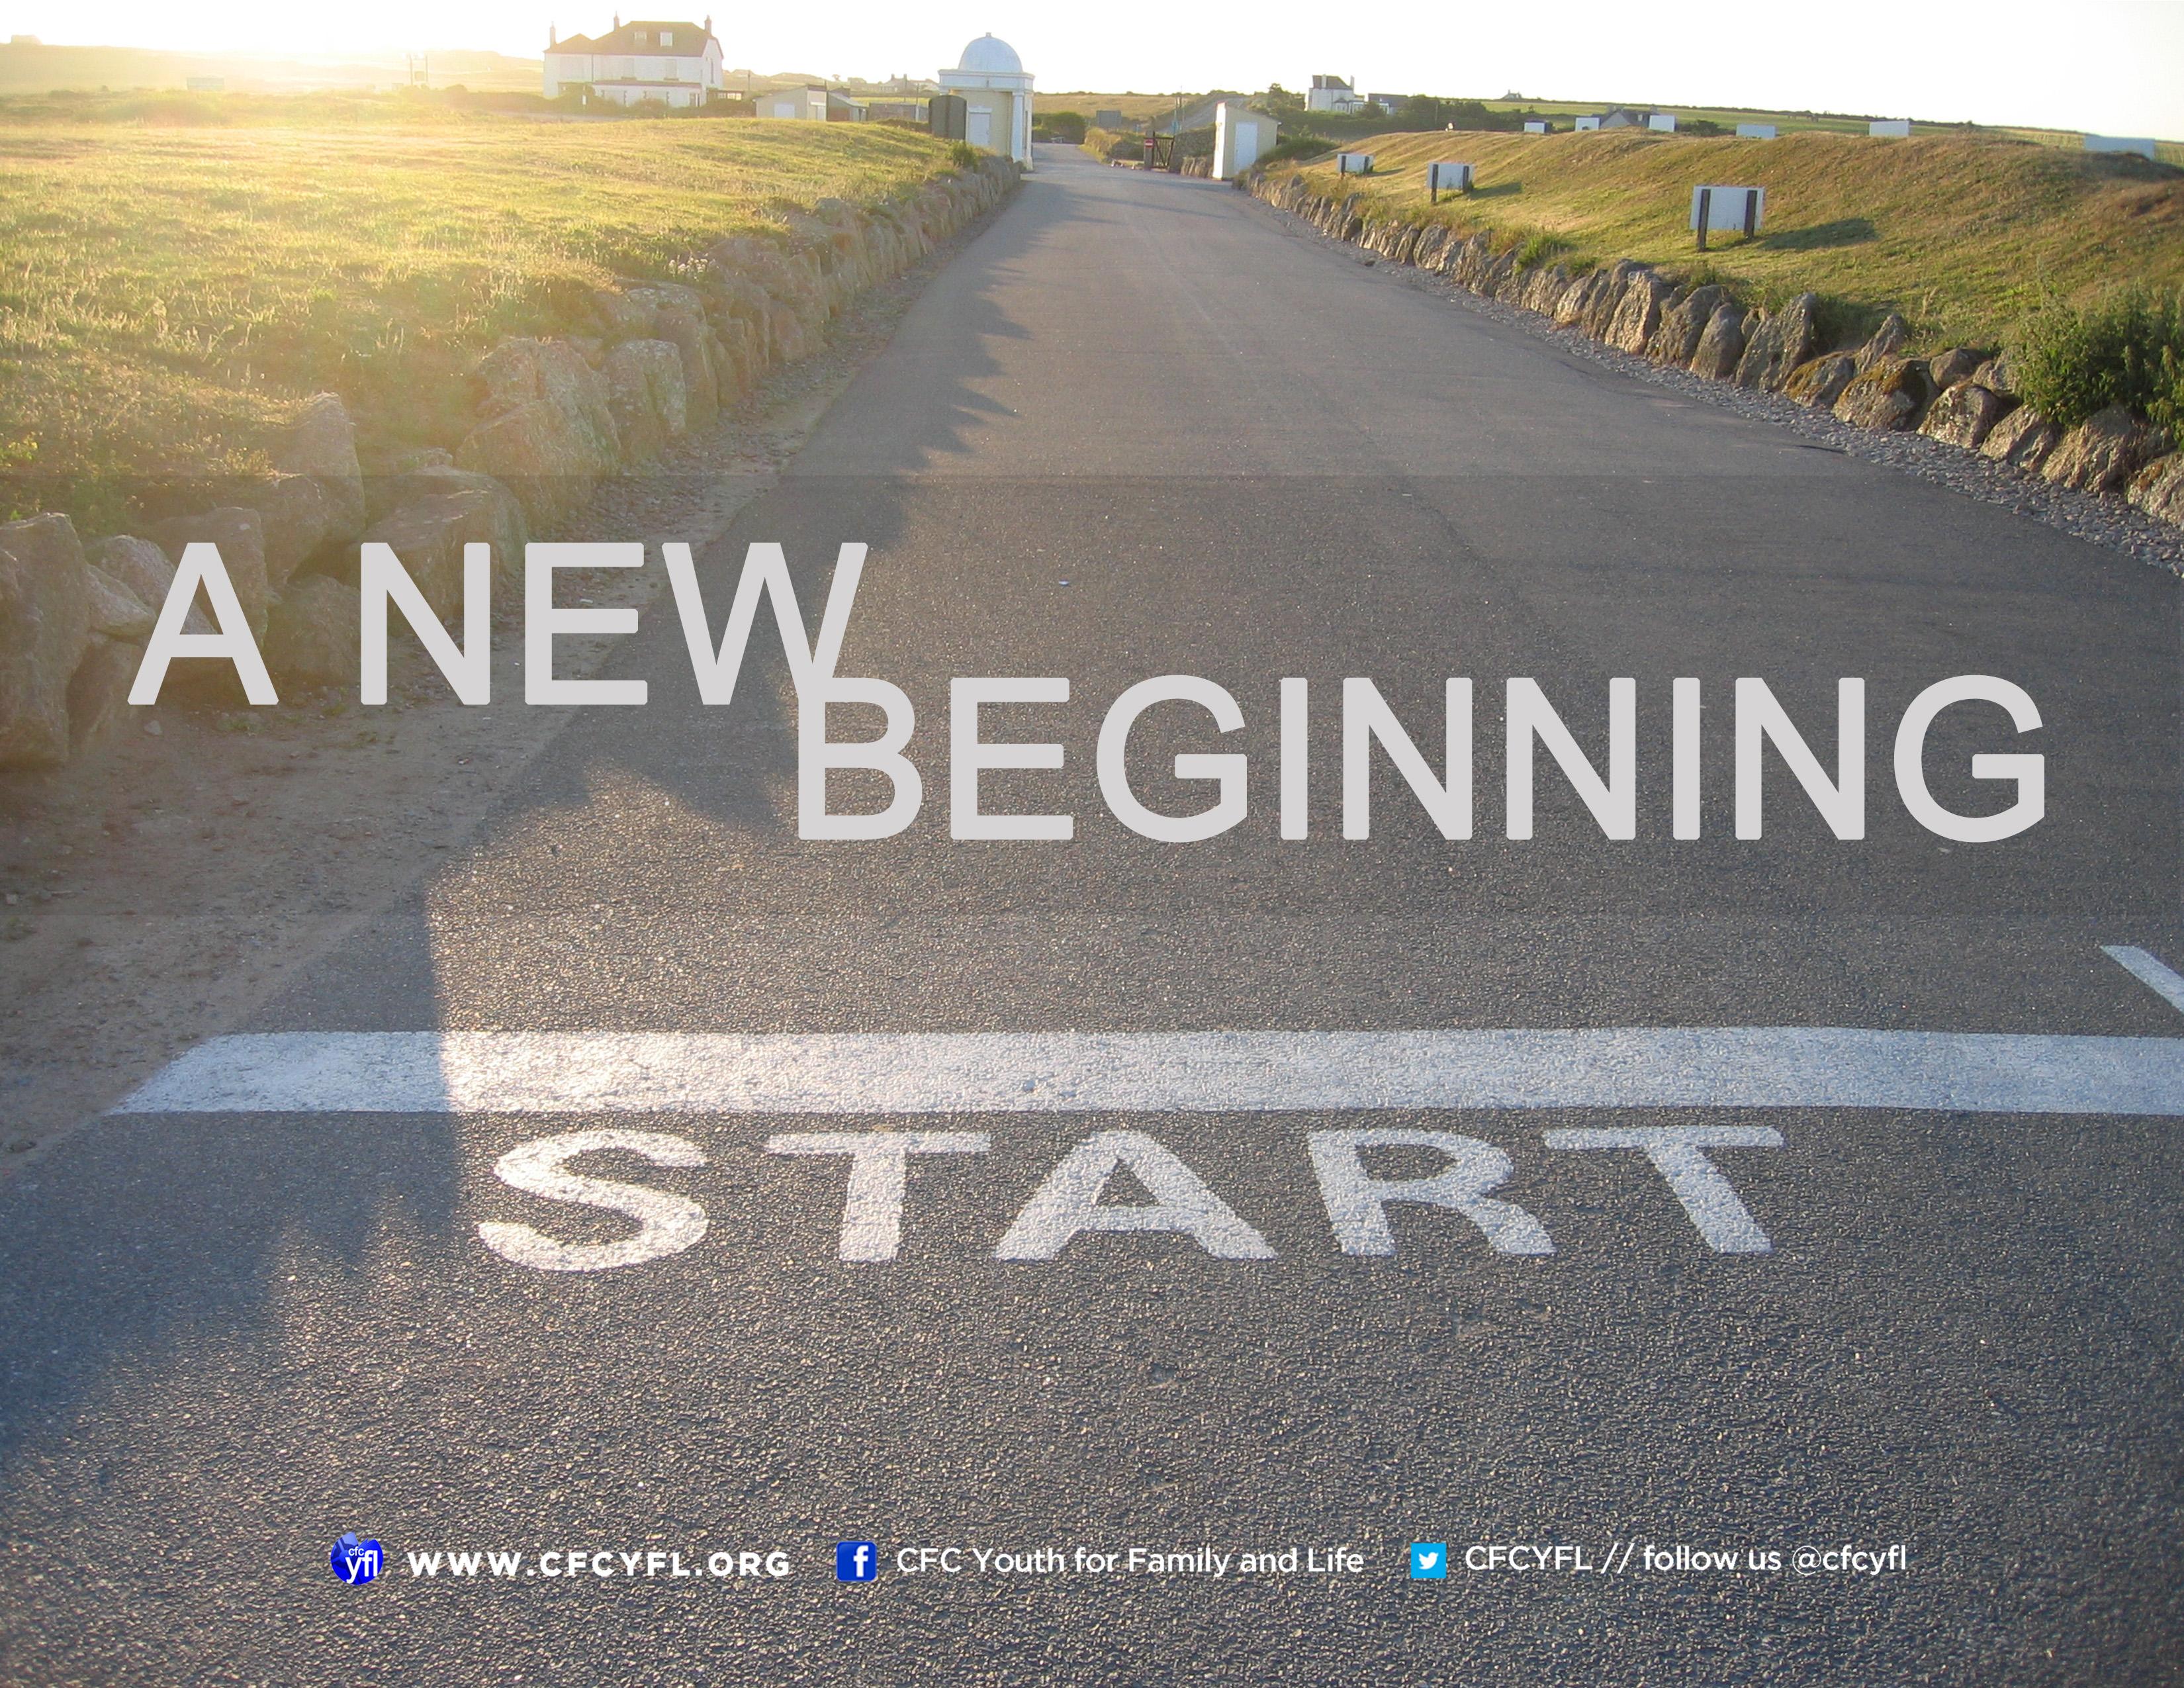 New Beginning Quotes. QuotesGram